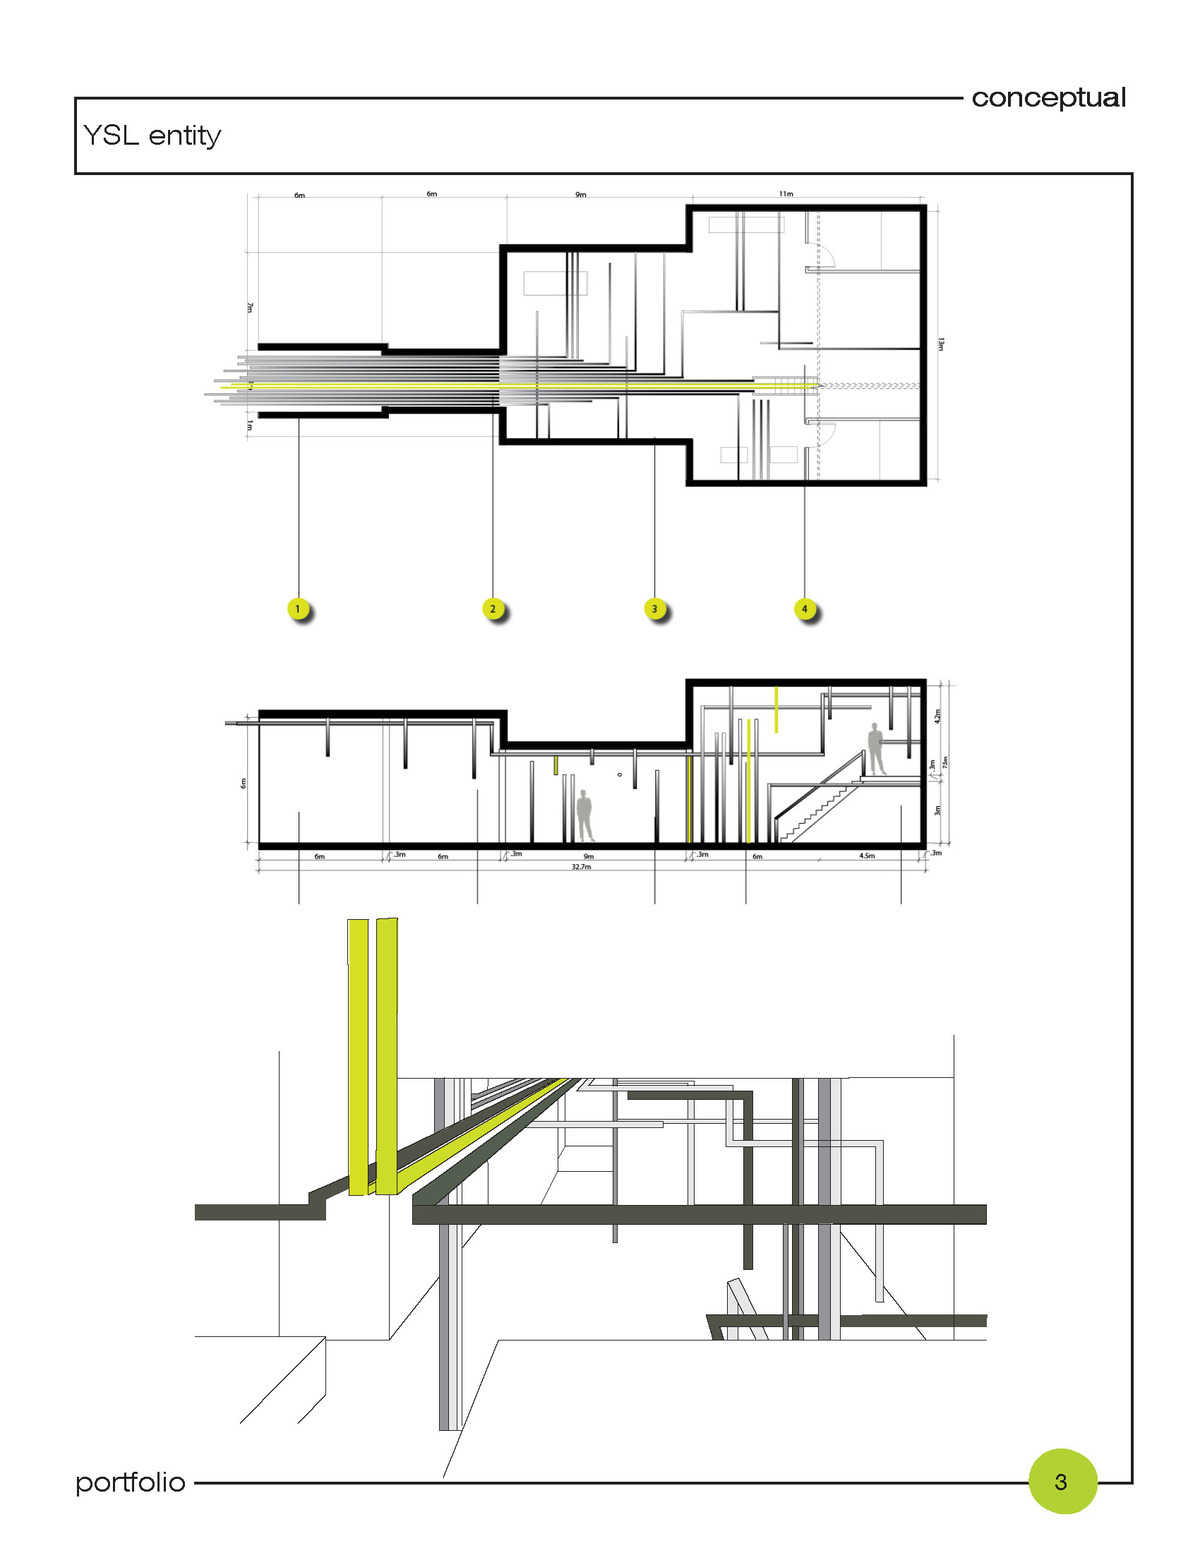 + interior; 2D and 3D conceptual design